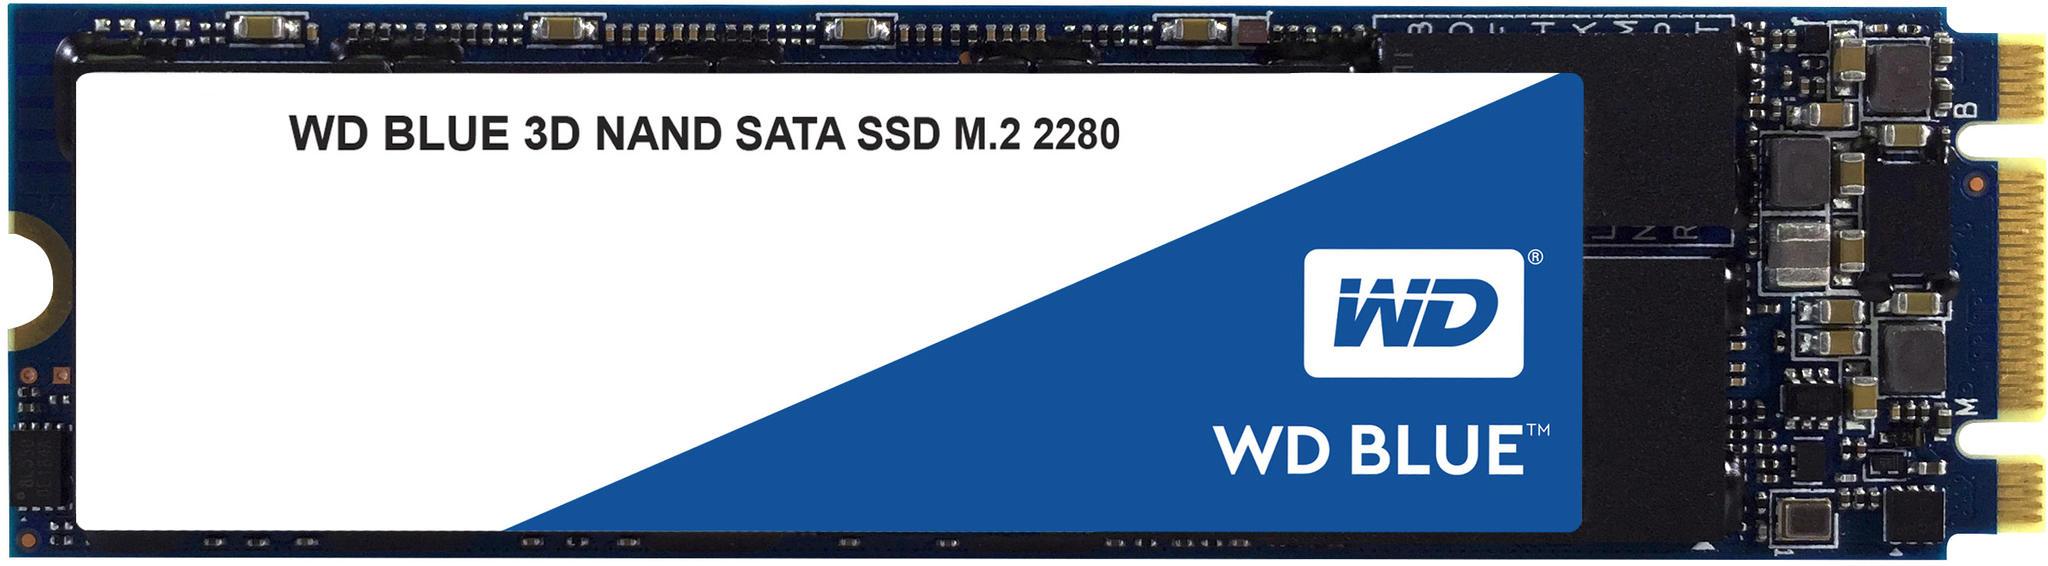 WD Blue 3D Nand 500GB M.2